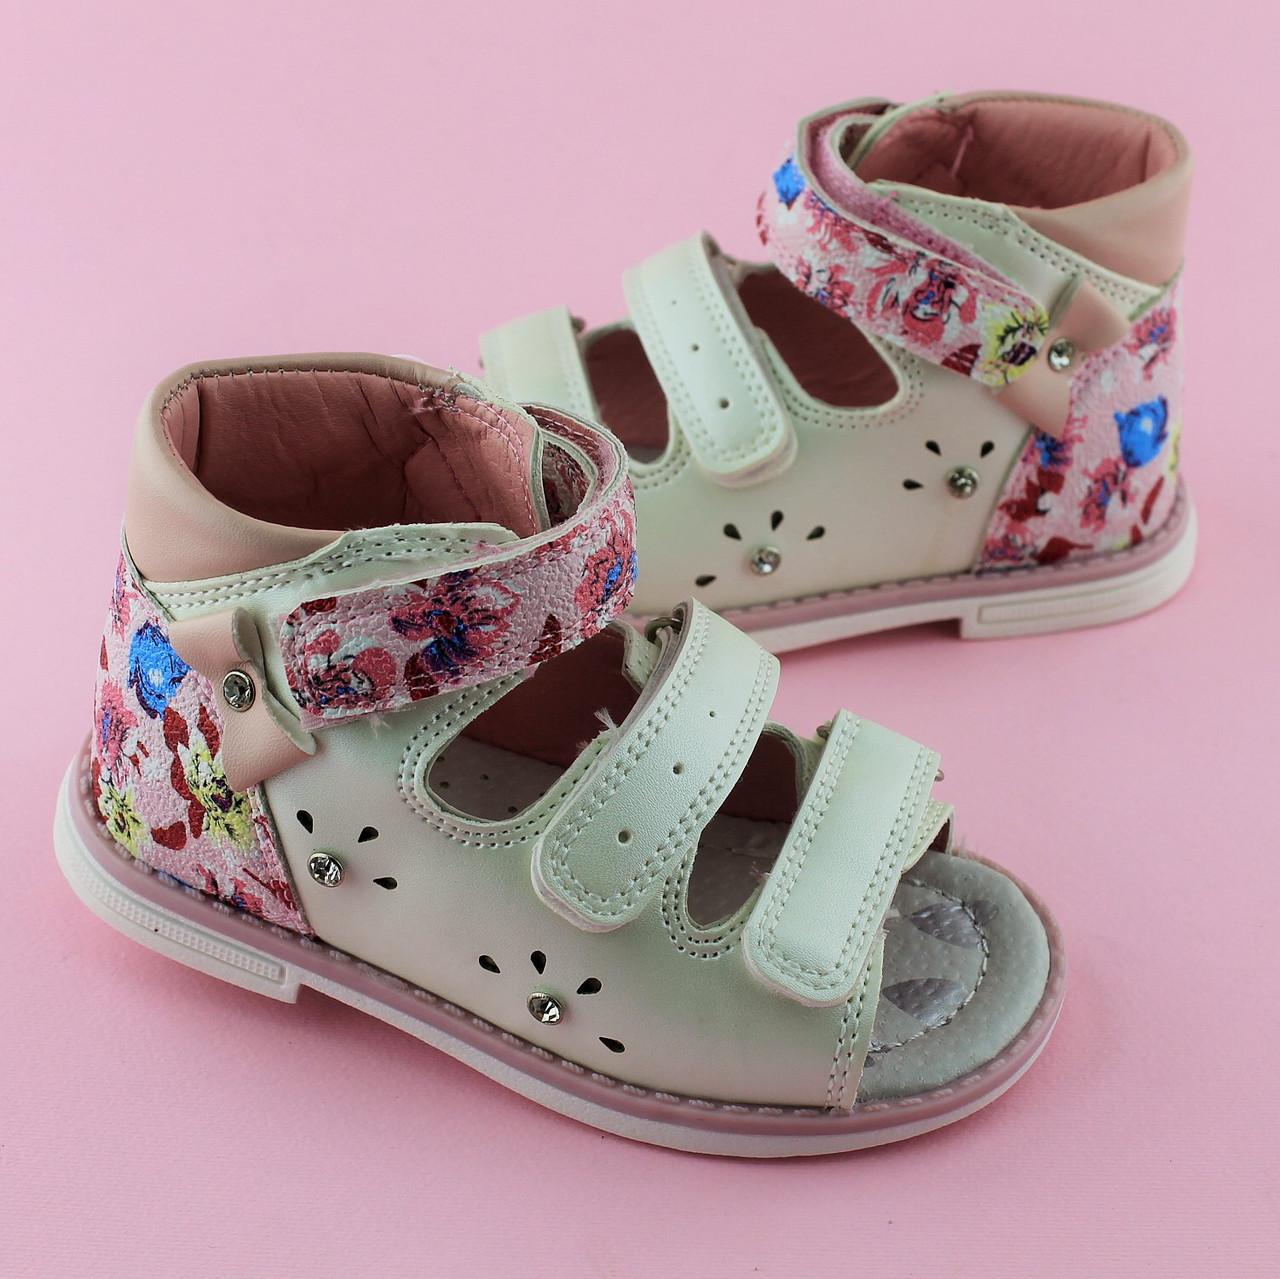 84bebfded Босоножки девочке белые серия Ортопед Tomm размеры 21 - BonKids - детский  магазин обуви в Киеве